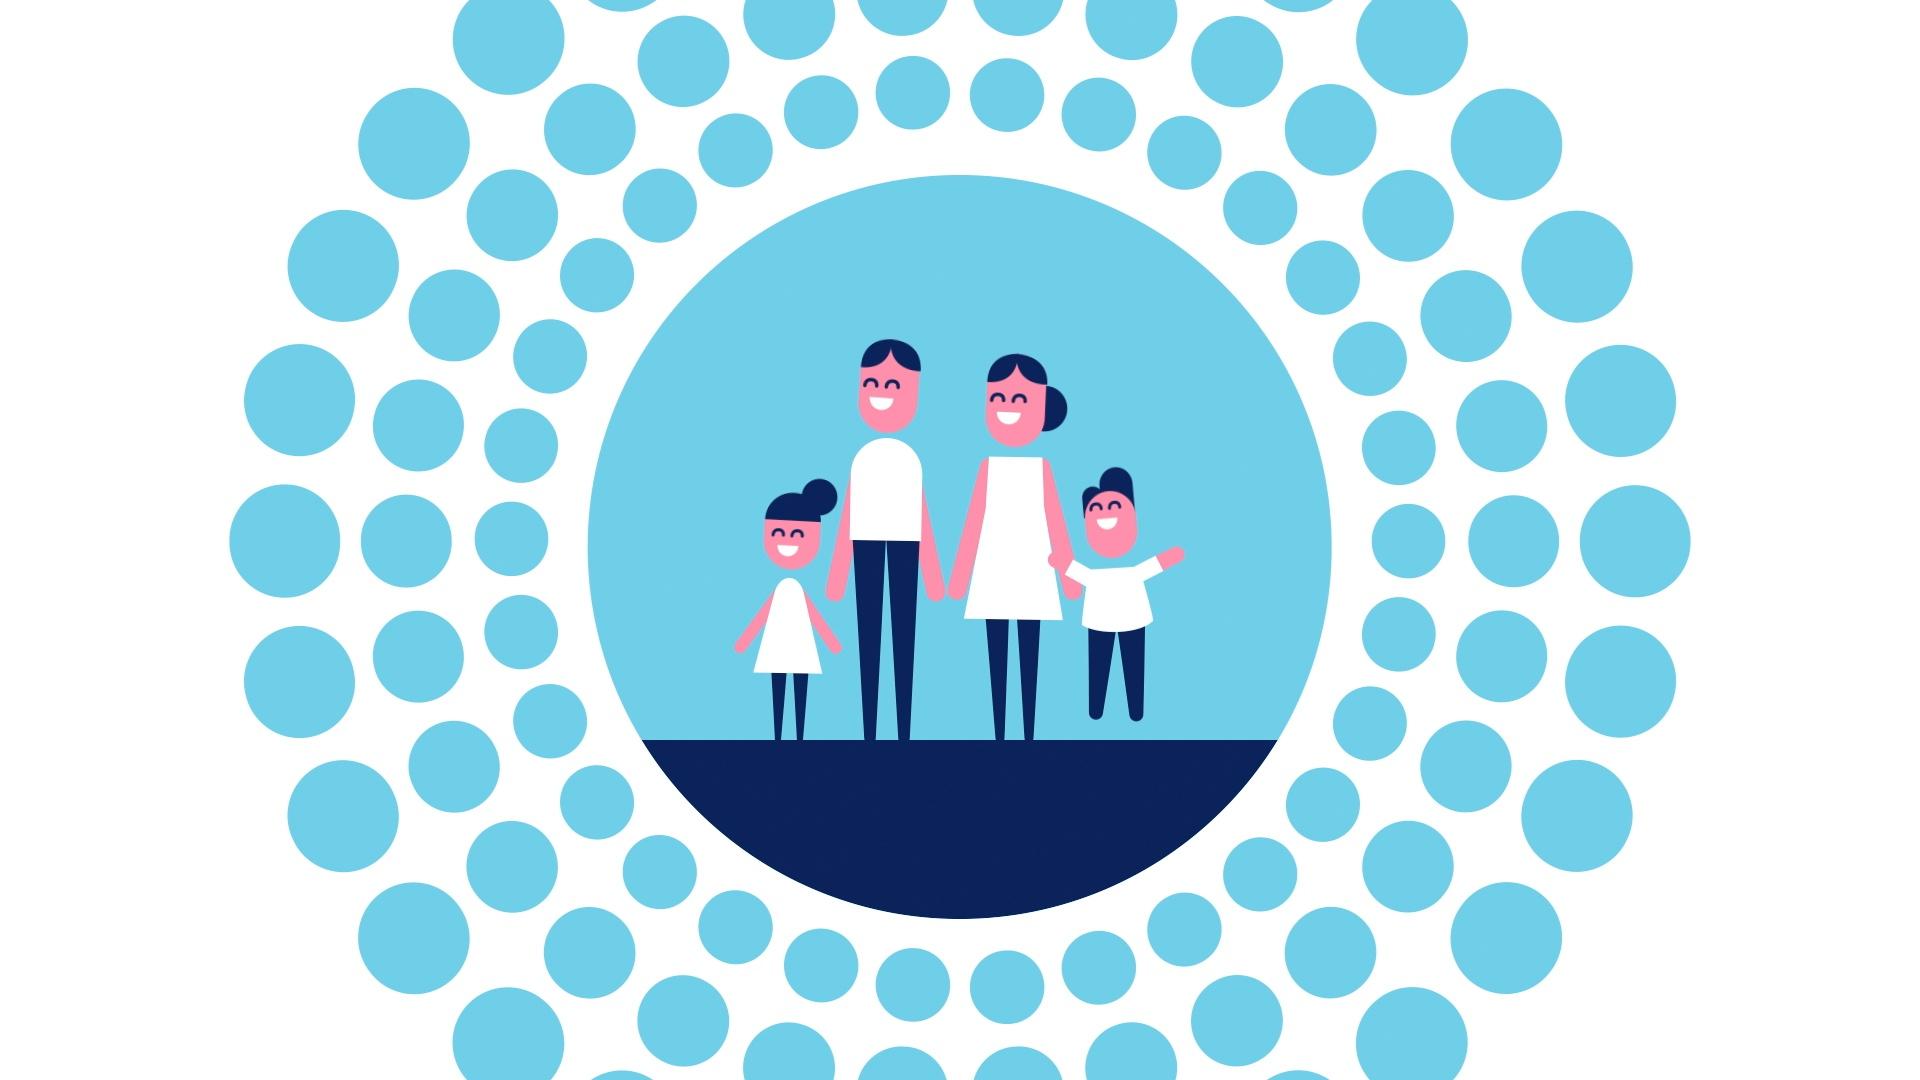 Kidspot_FamilyWealth_Stills_02.jpg